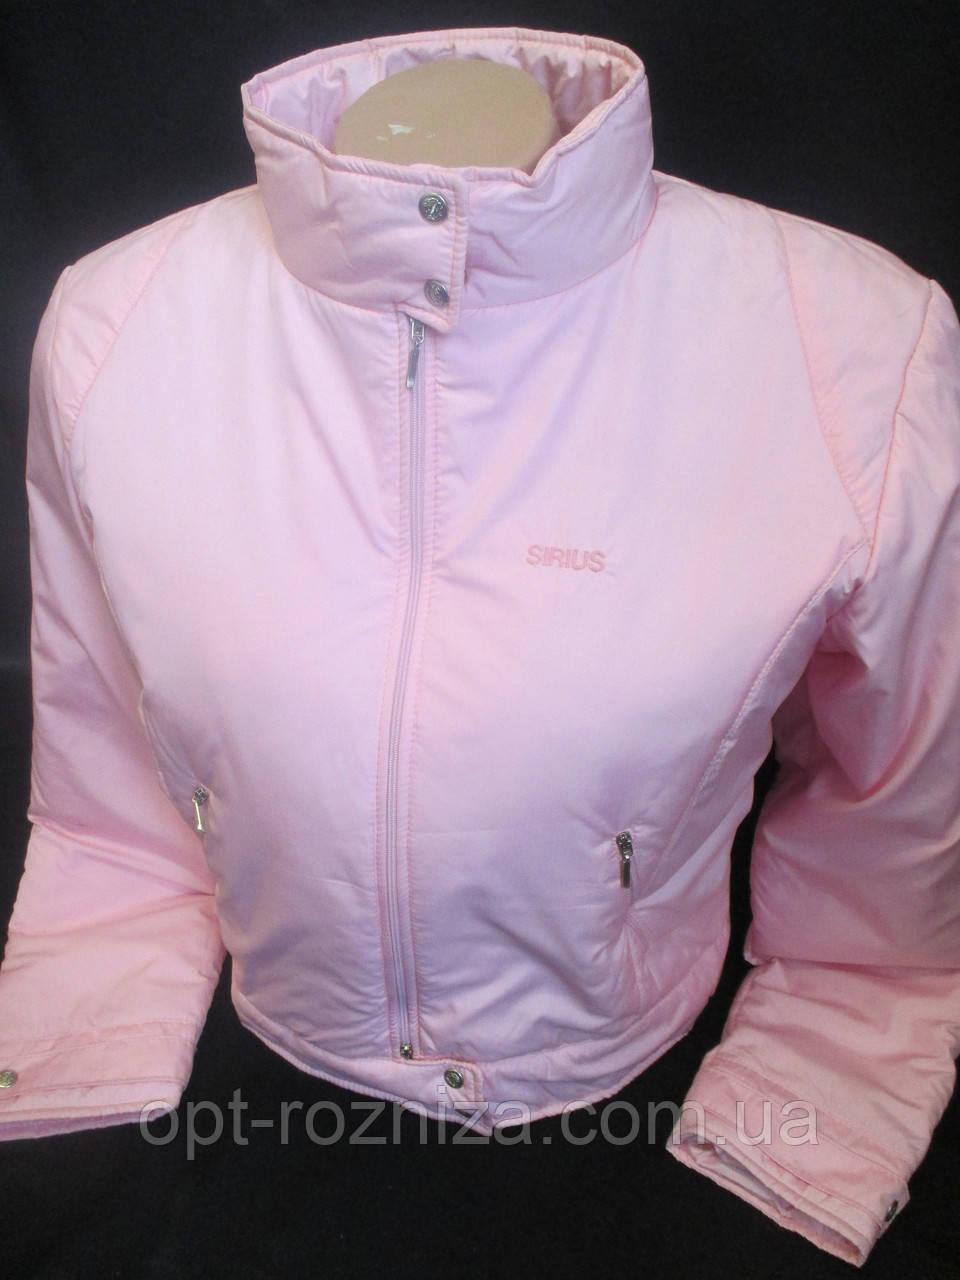 Теплые весенние куртки купить недорого.